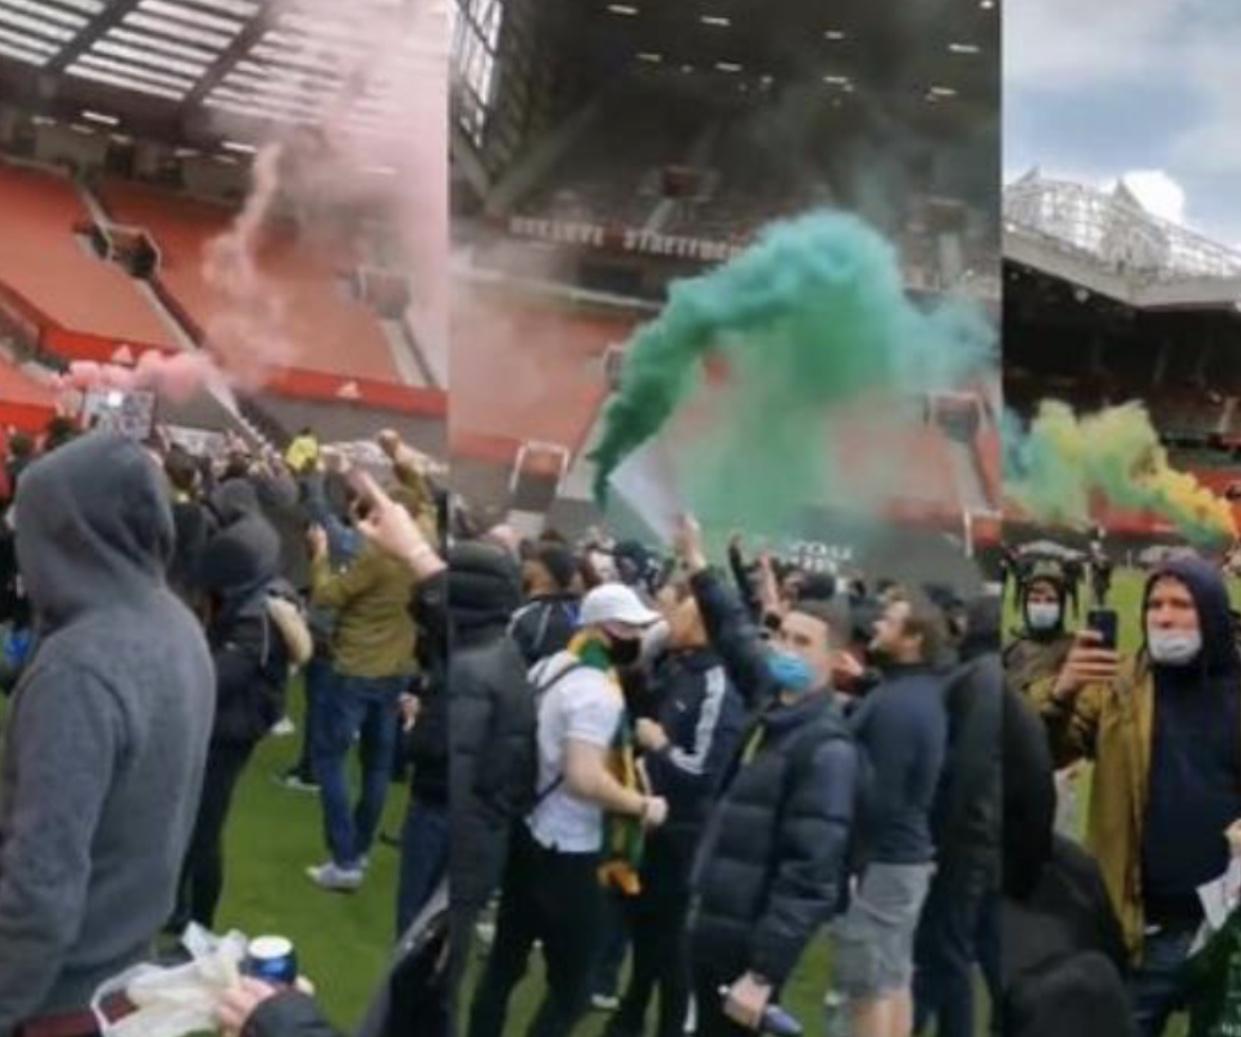 تأجيل موعد مباراة مانشيستر يونايتد مع ليفربول بعد اقتحام الجماهير ملعب اللقاء